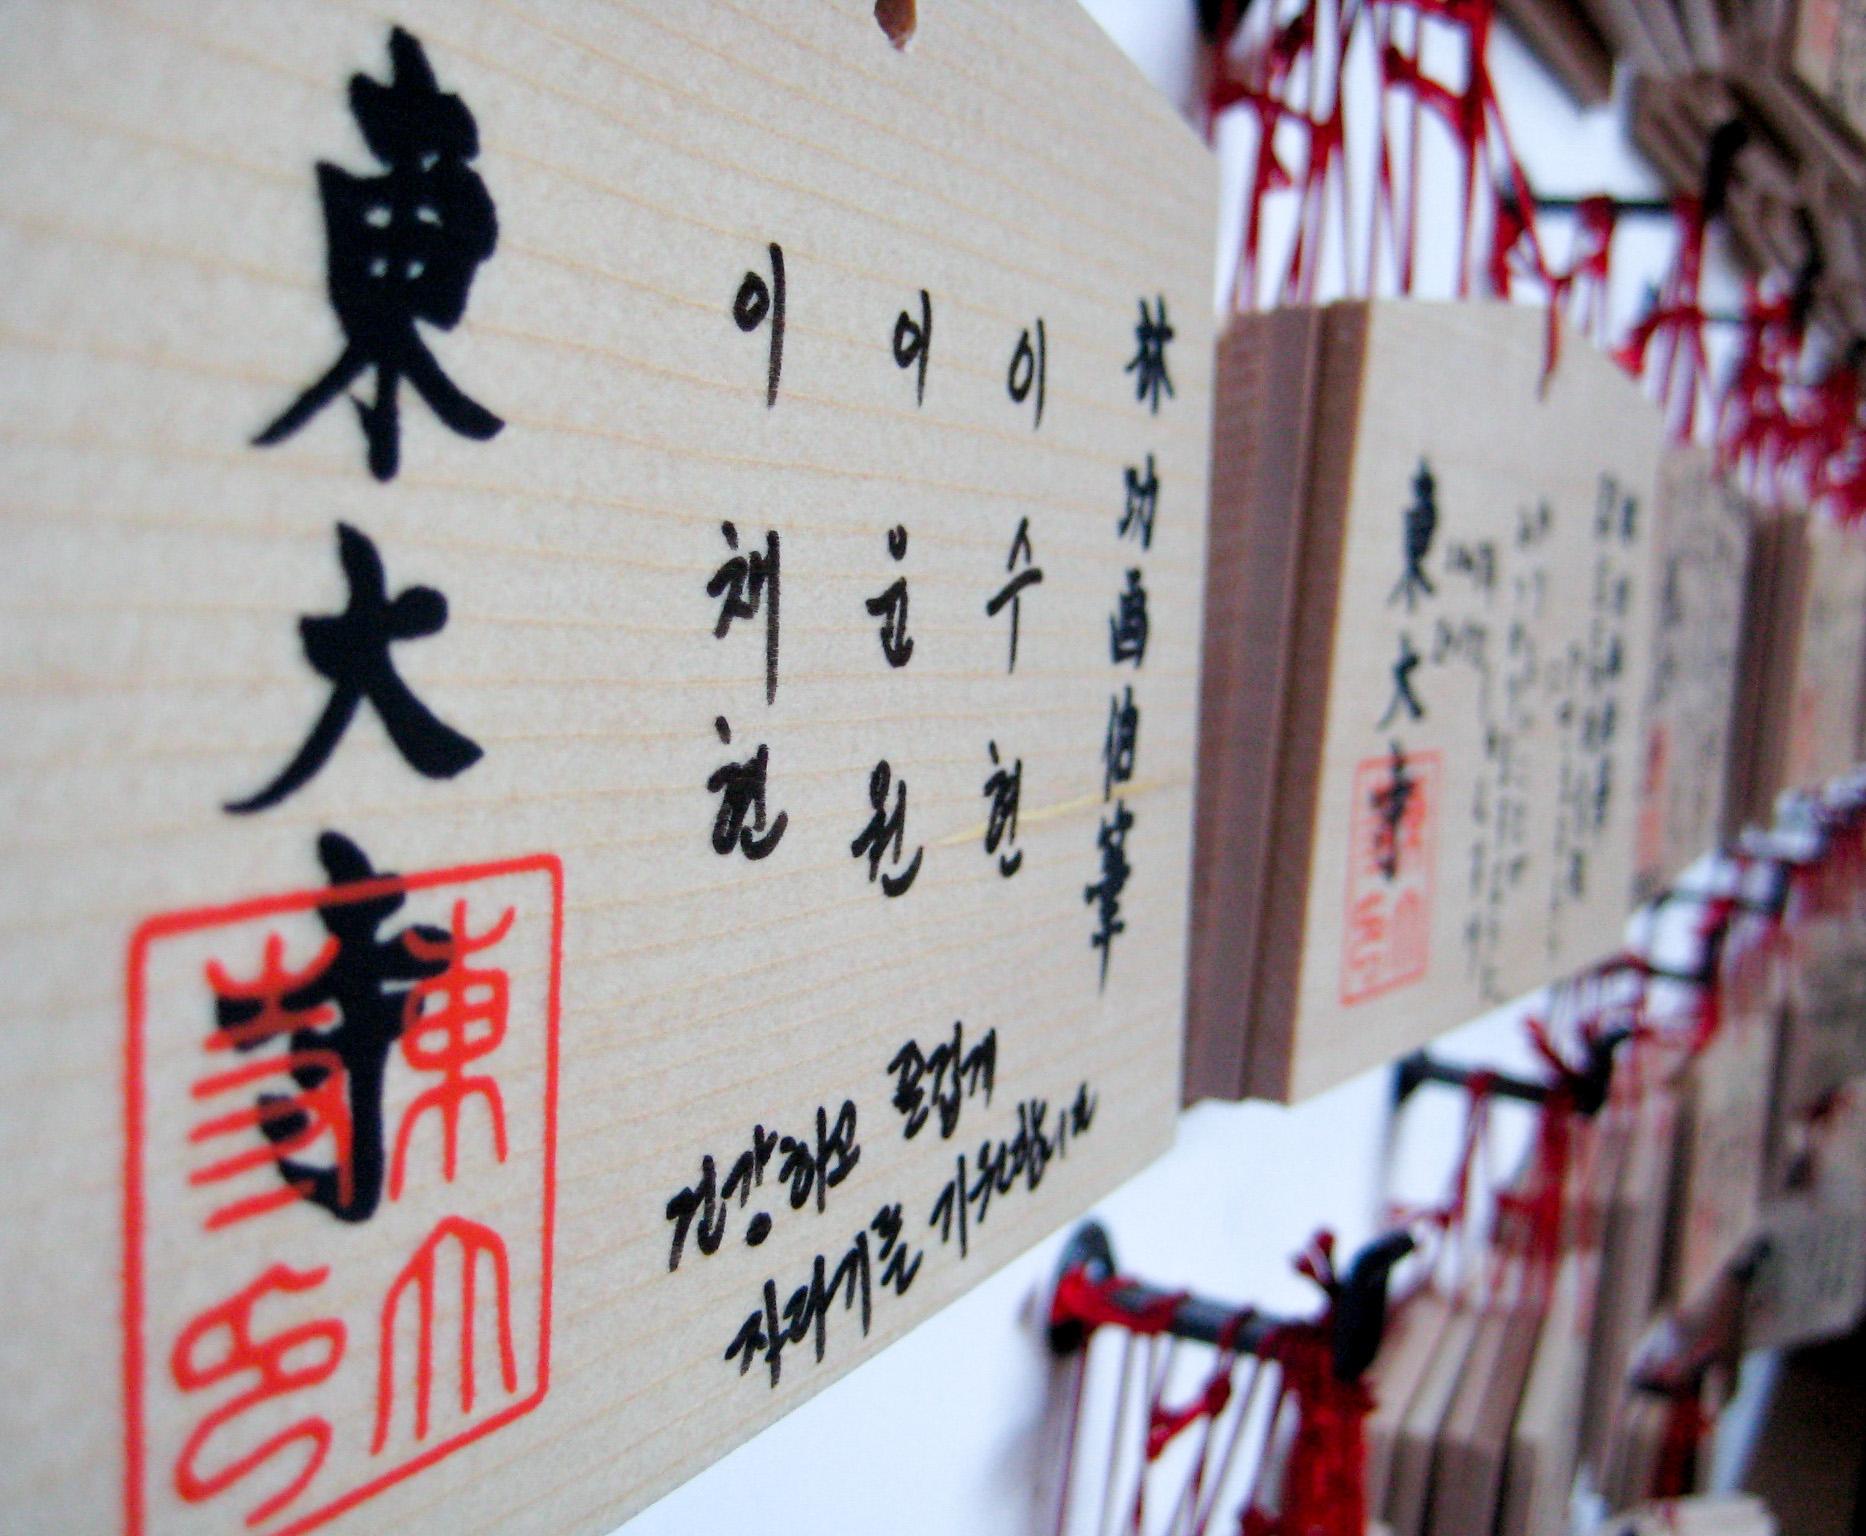 japan and beyond 975.jpg